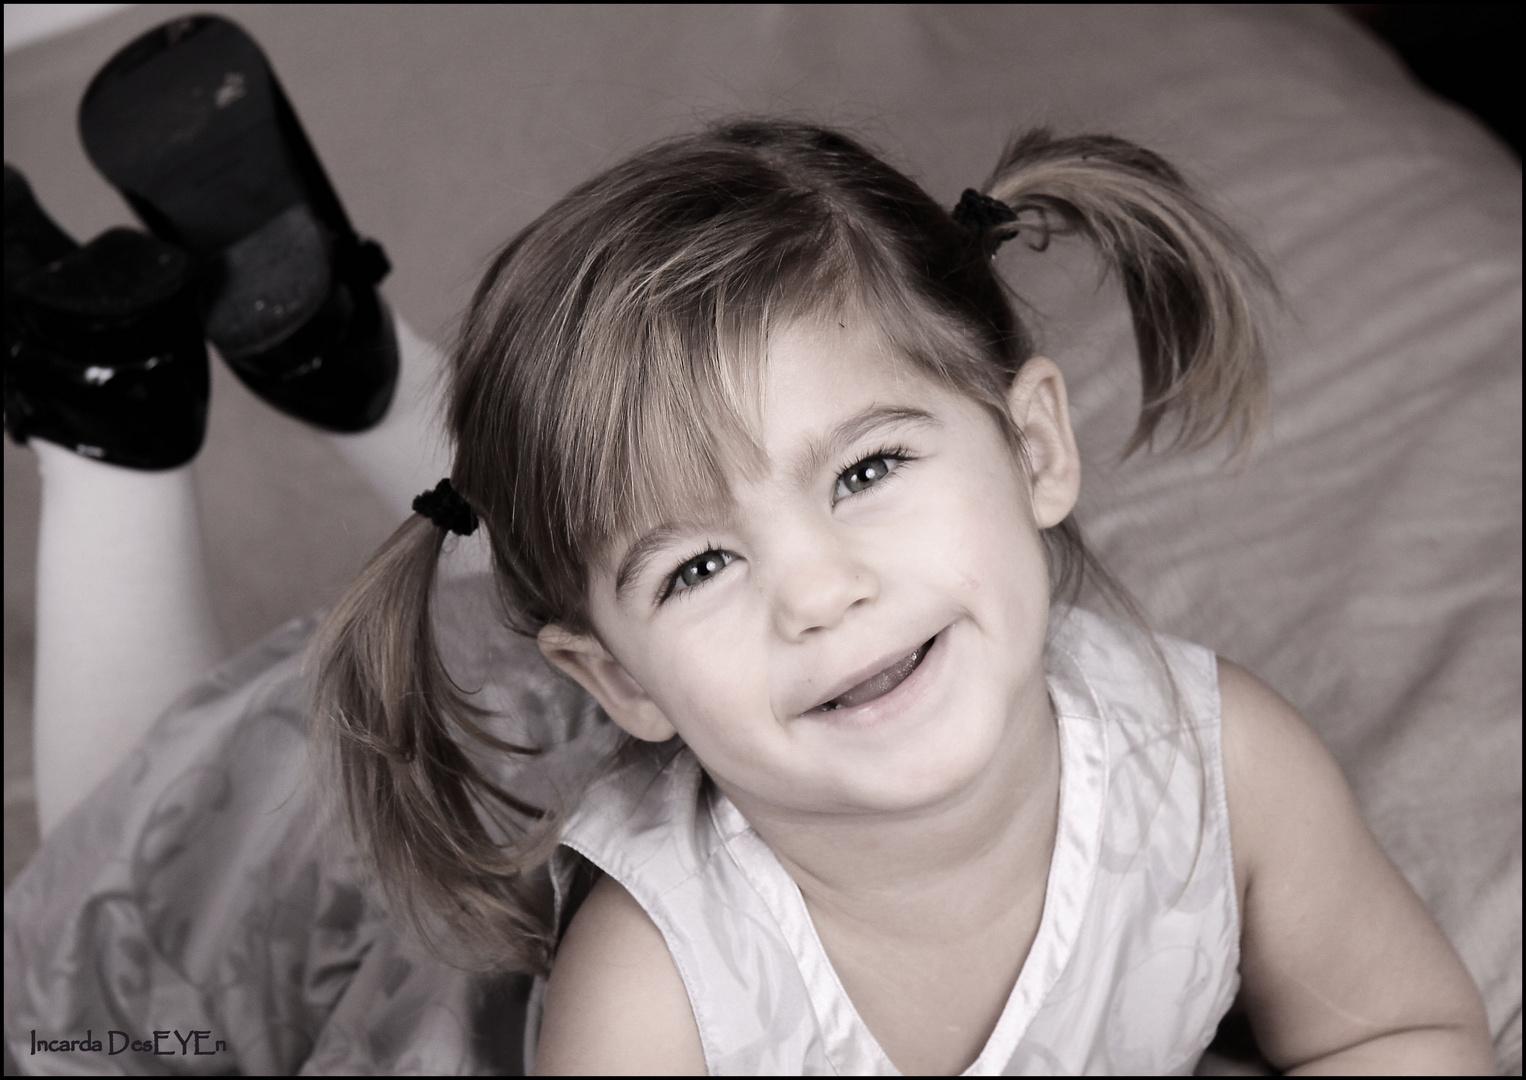 Meine SÜSSE Foto & Bild | kinder, kinder ab 2, menschen